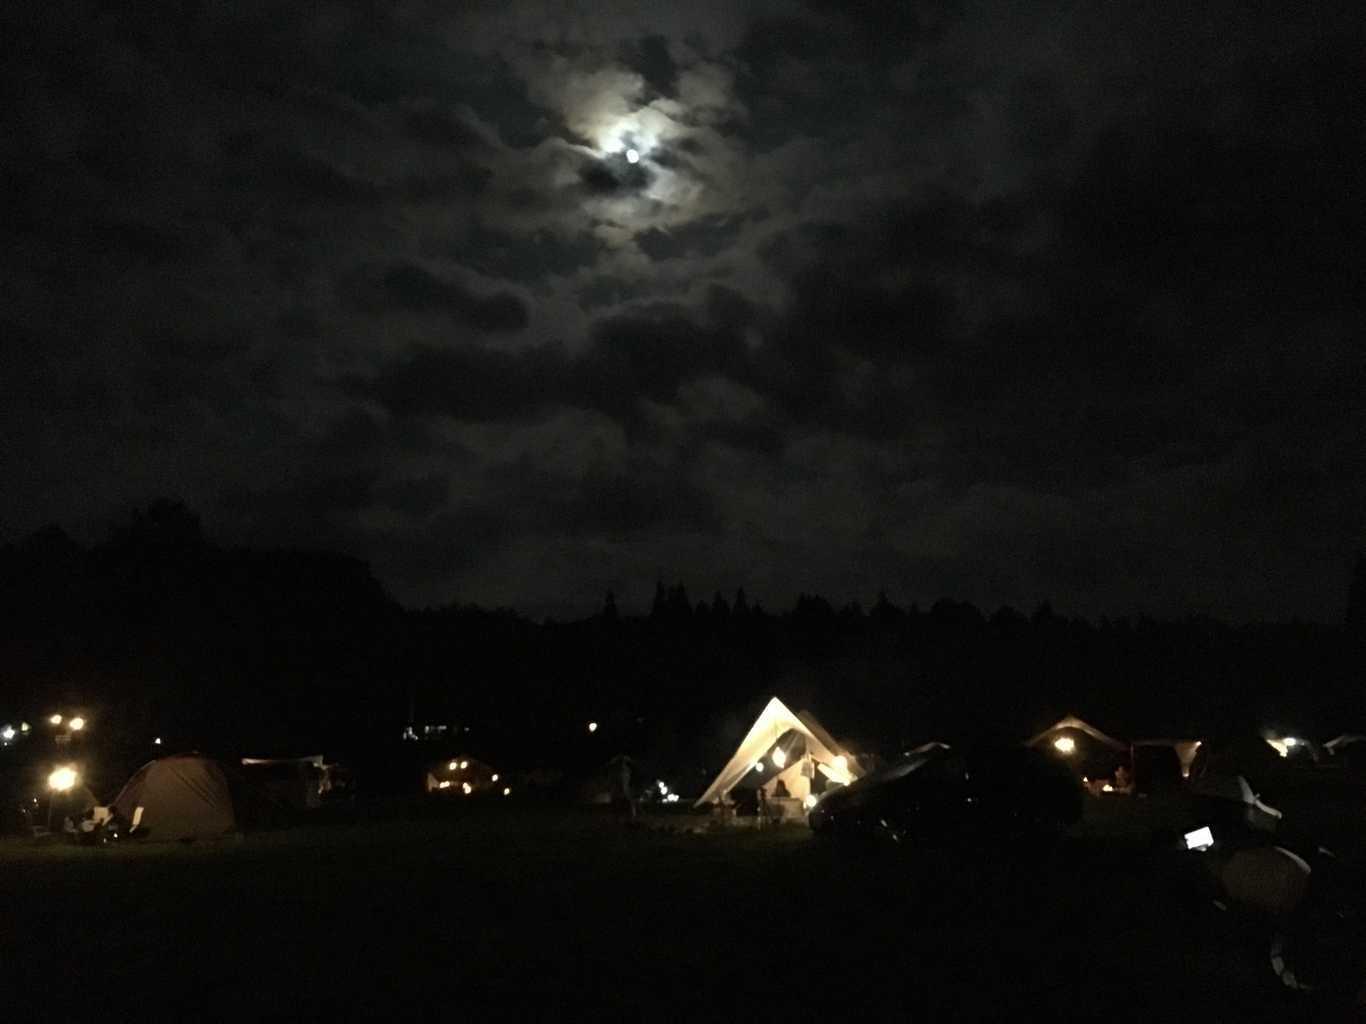 長野県信濃町 やすらぎの森オートキャンプ場 の写真p